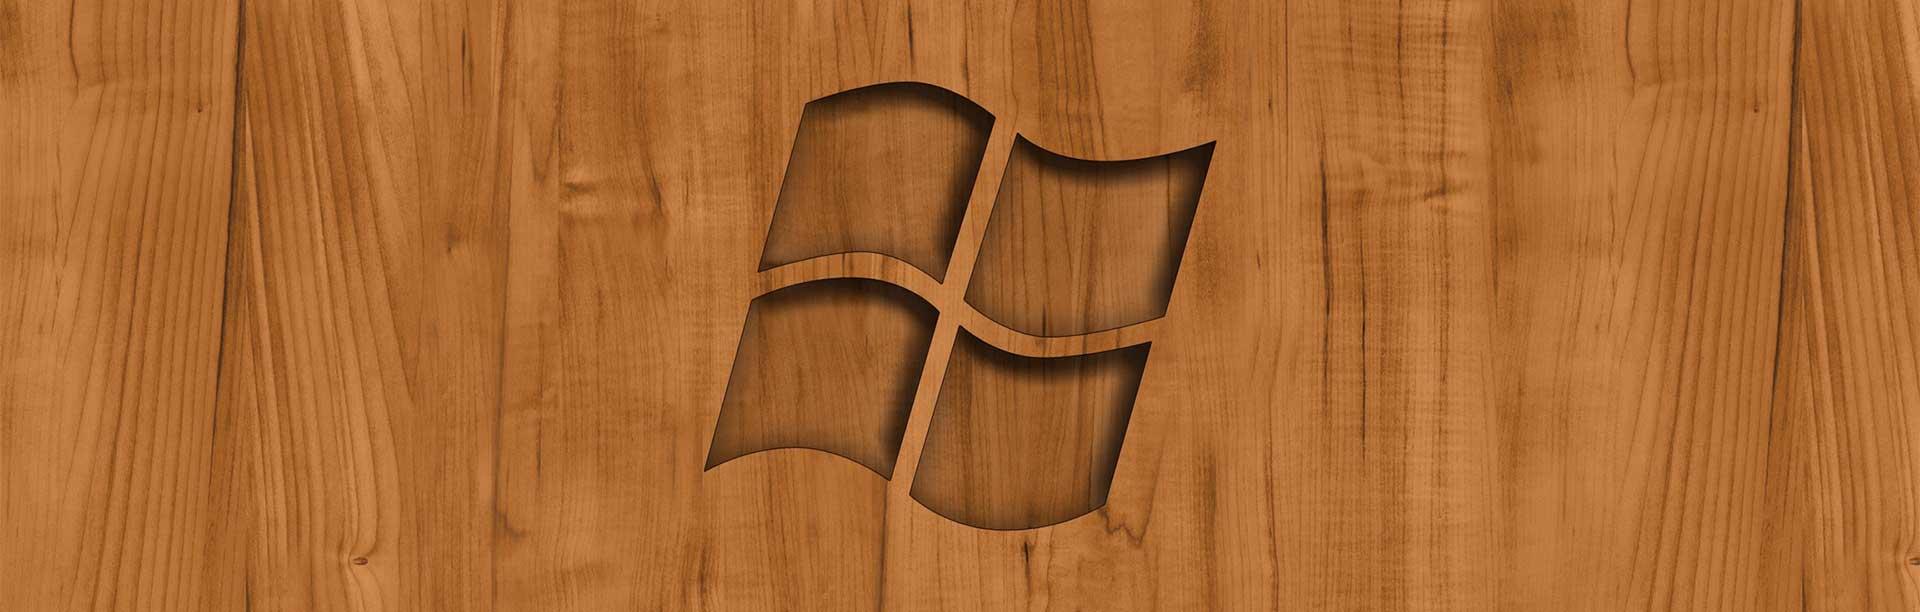 Полезная информация по деревянным окнам